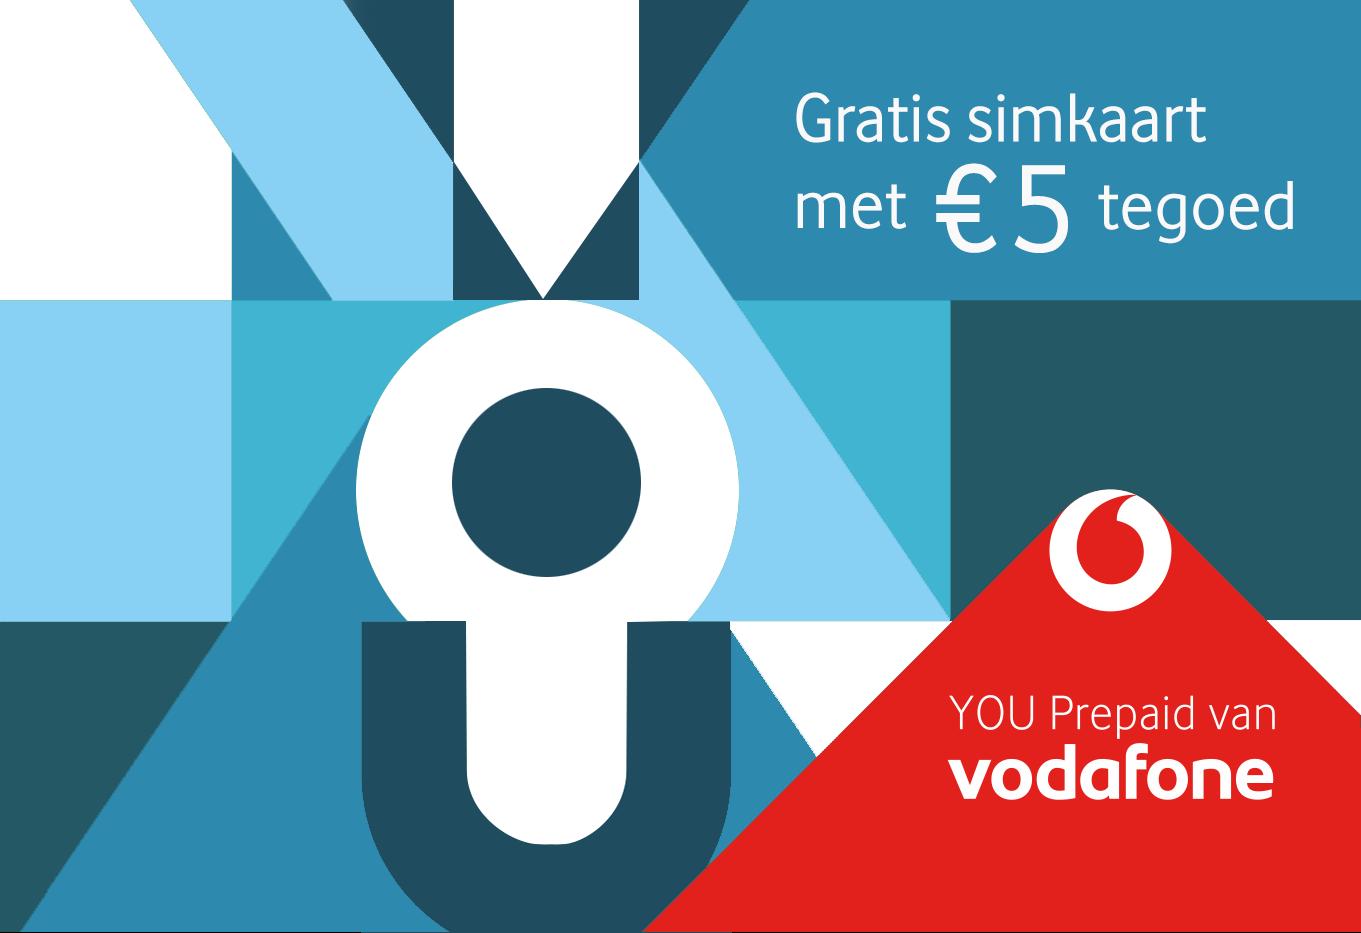 Vodafone simkaart Gratis met €5 beltegoed